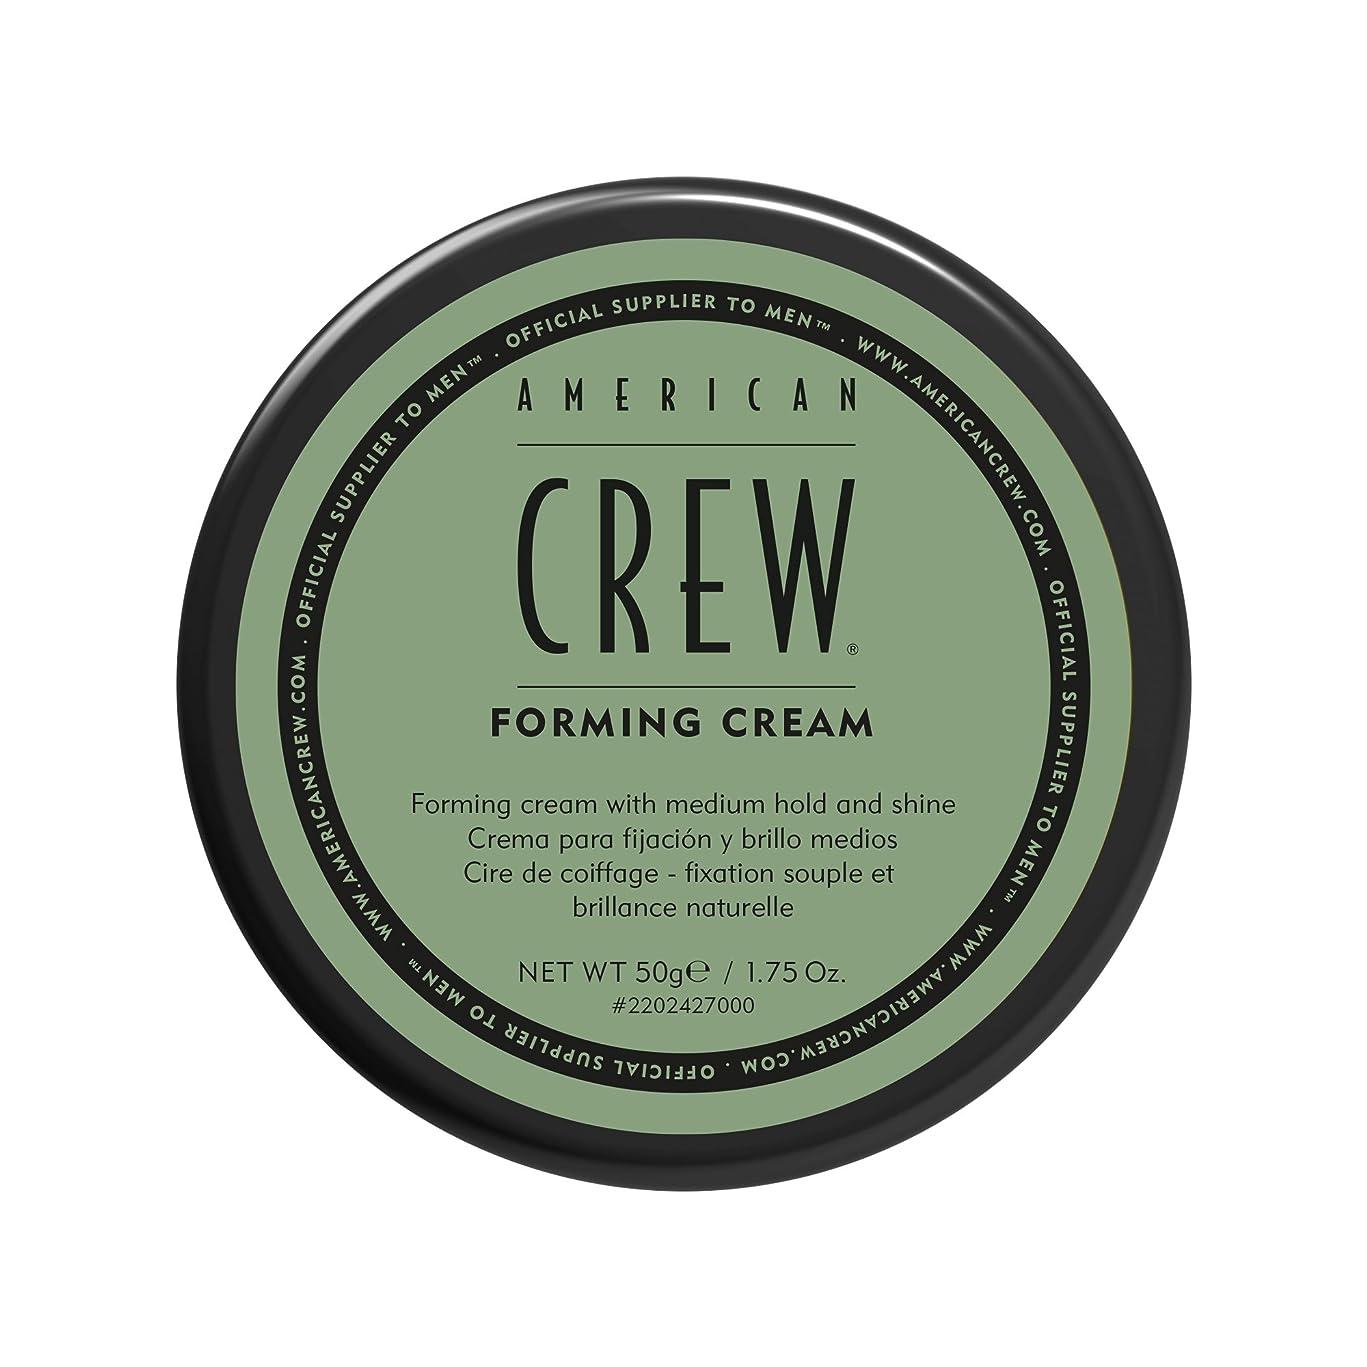 切手予感遅いby American Crew FORMING CREAM 1.75 OZ by AMERICAN CREW